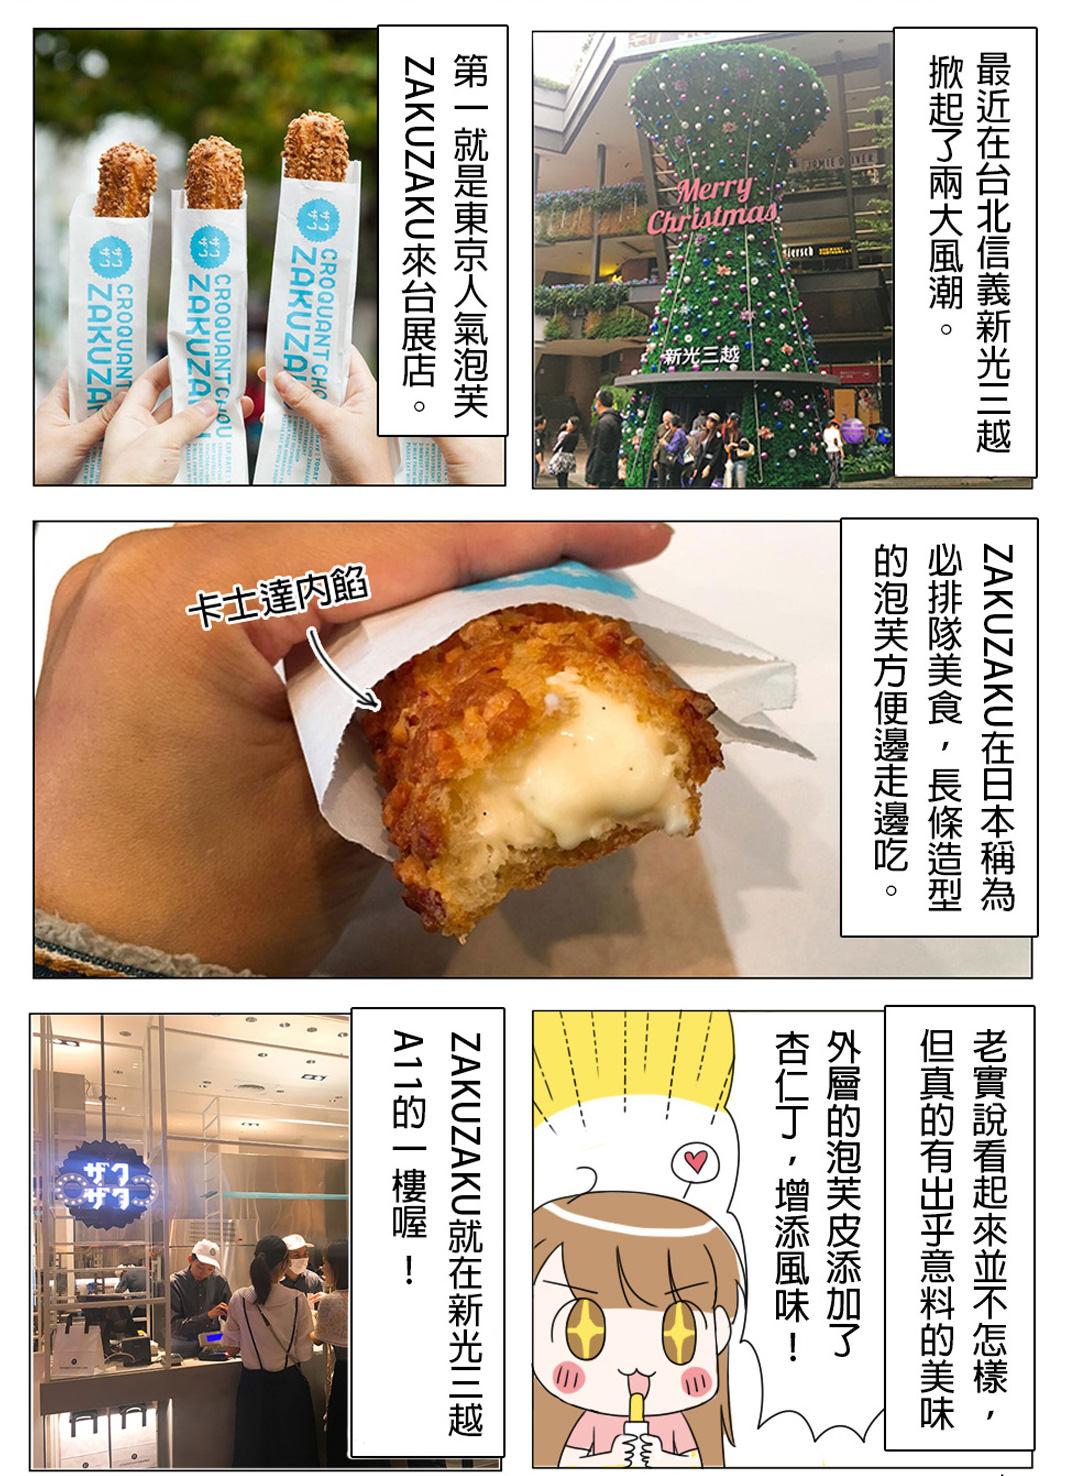 台北 Zakuzaku 棒棒泡芙 日本超人氣泡芙來台囉!